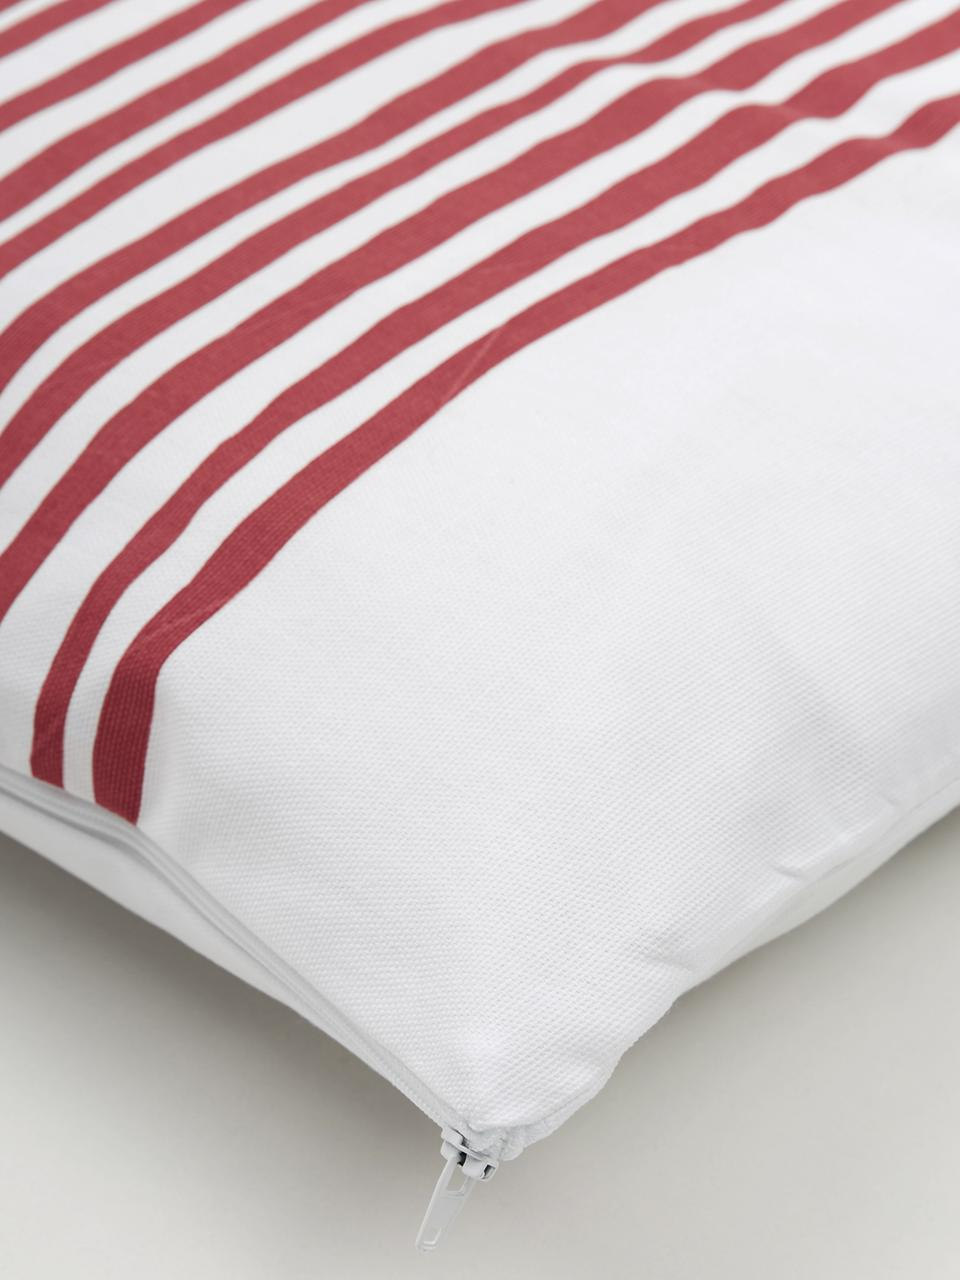 Federa arredo con strisce Corey, 100% cotone, Bianco, rosso scuro, Larg. 40 x Lung. 40 cm